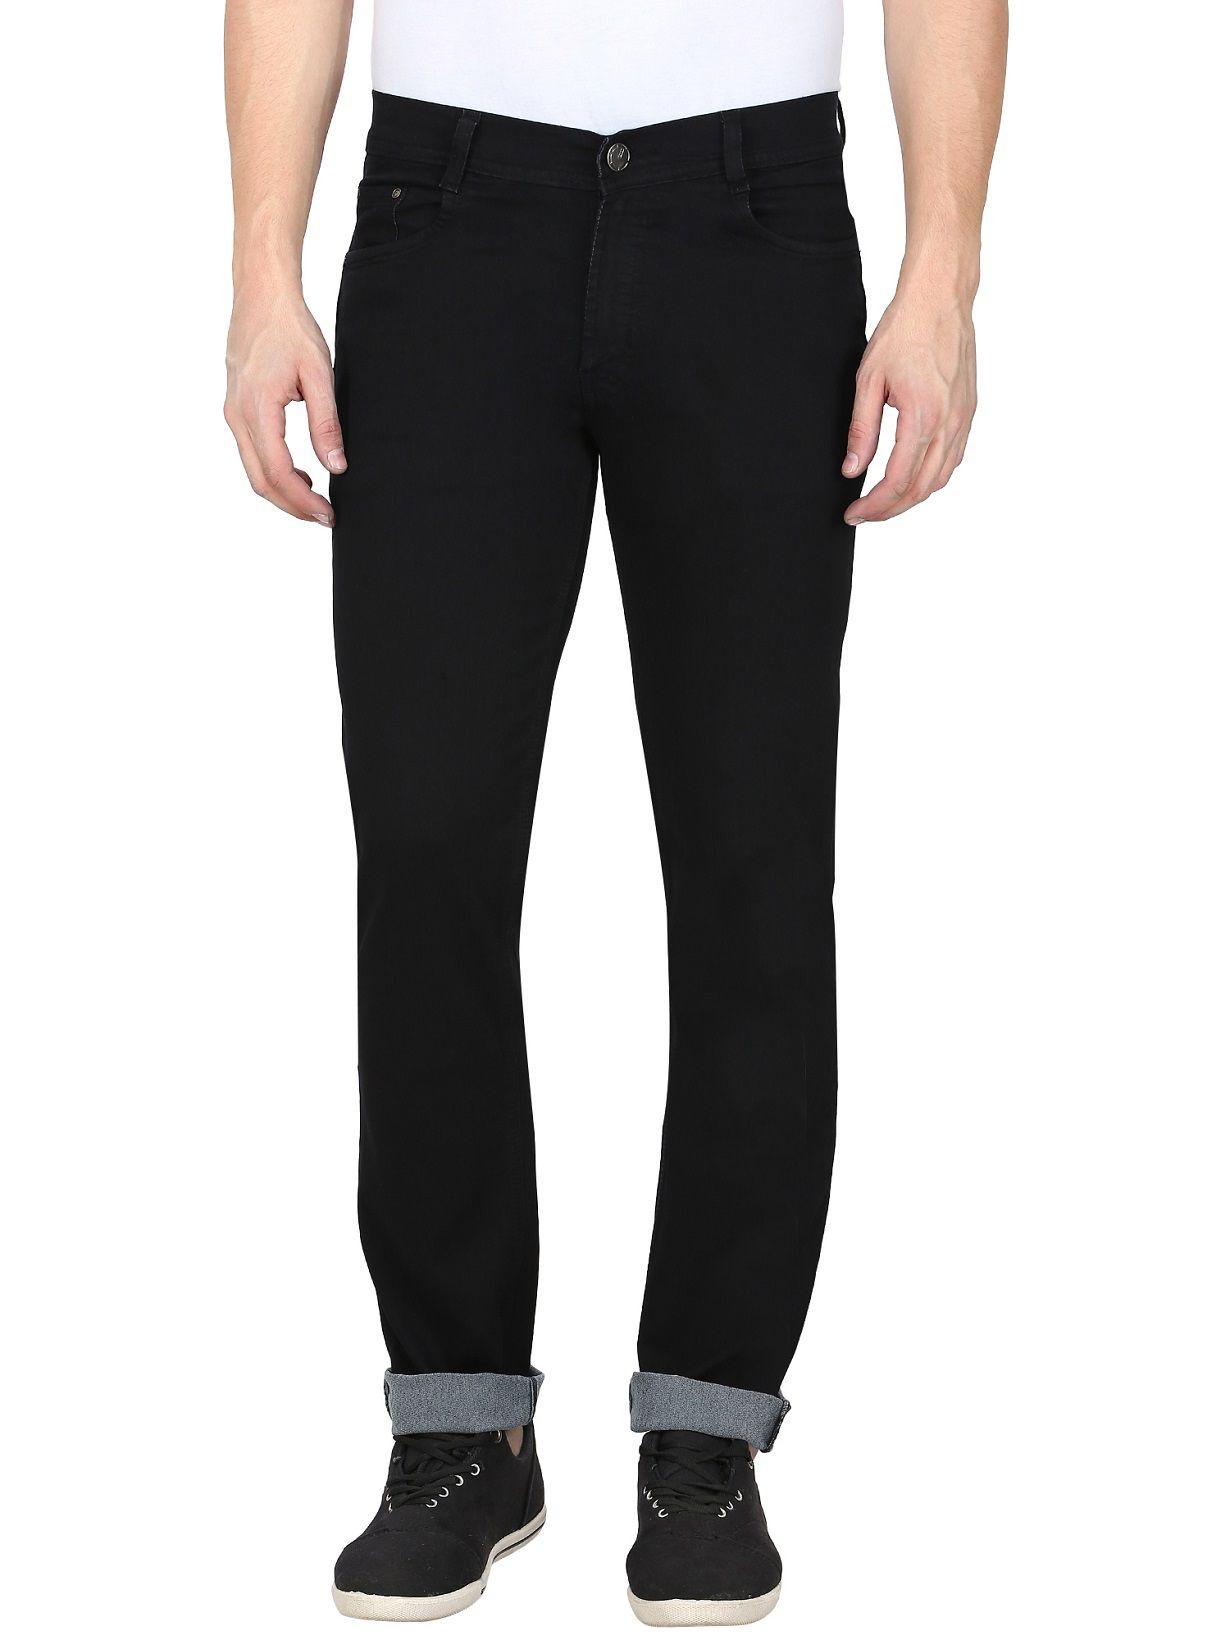 gradely Black Regular Fit Jeans